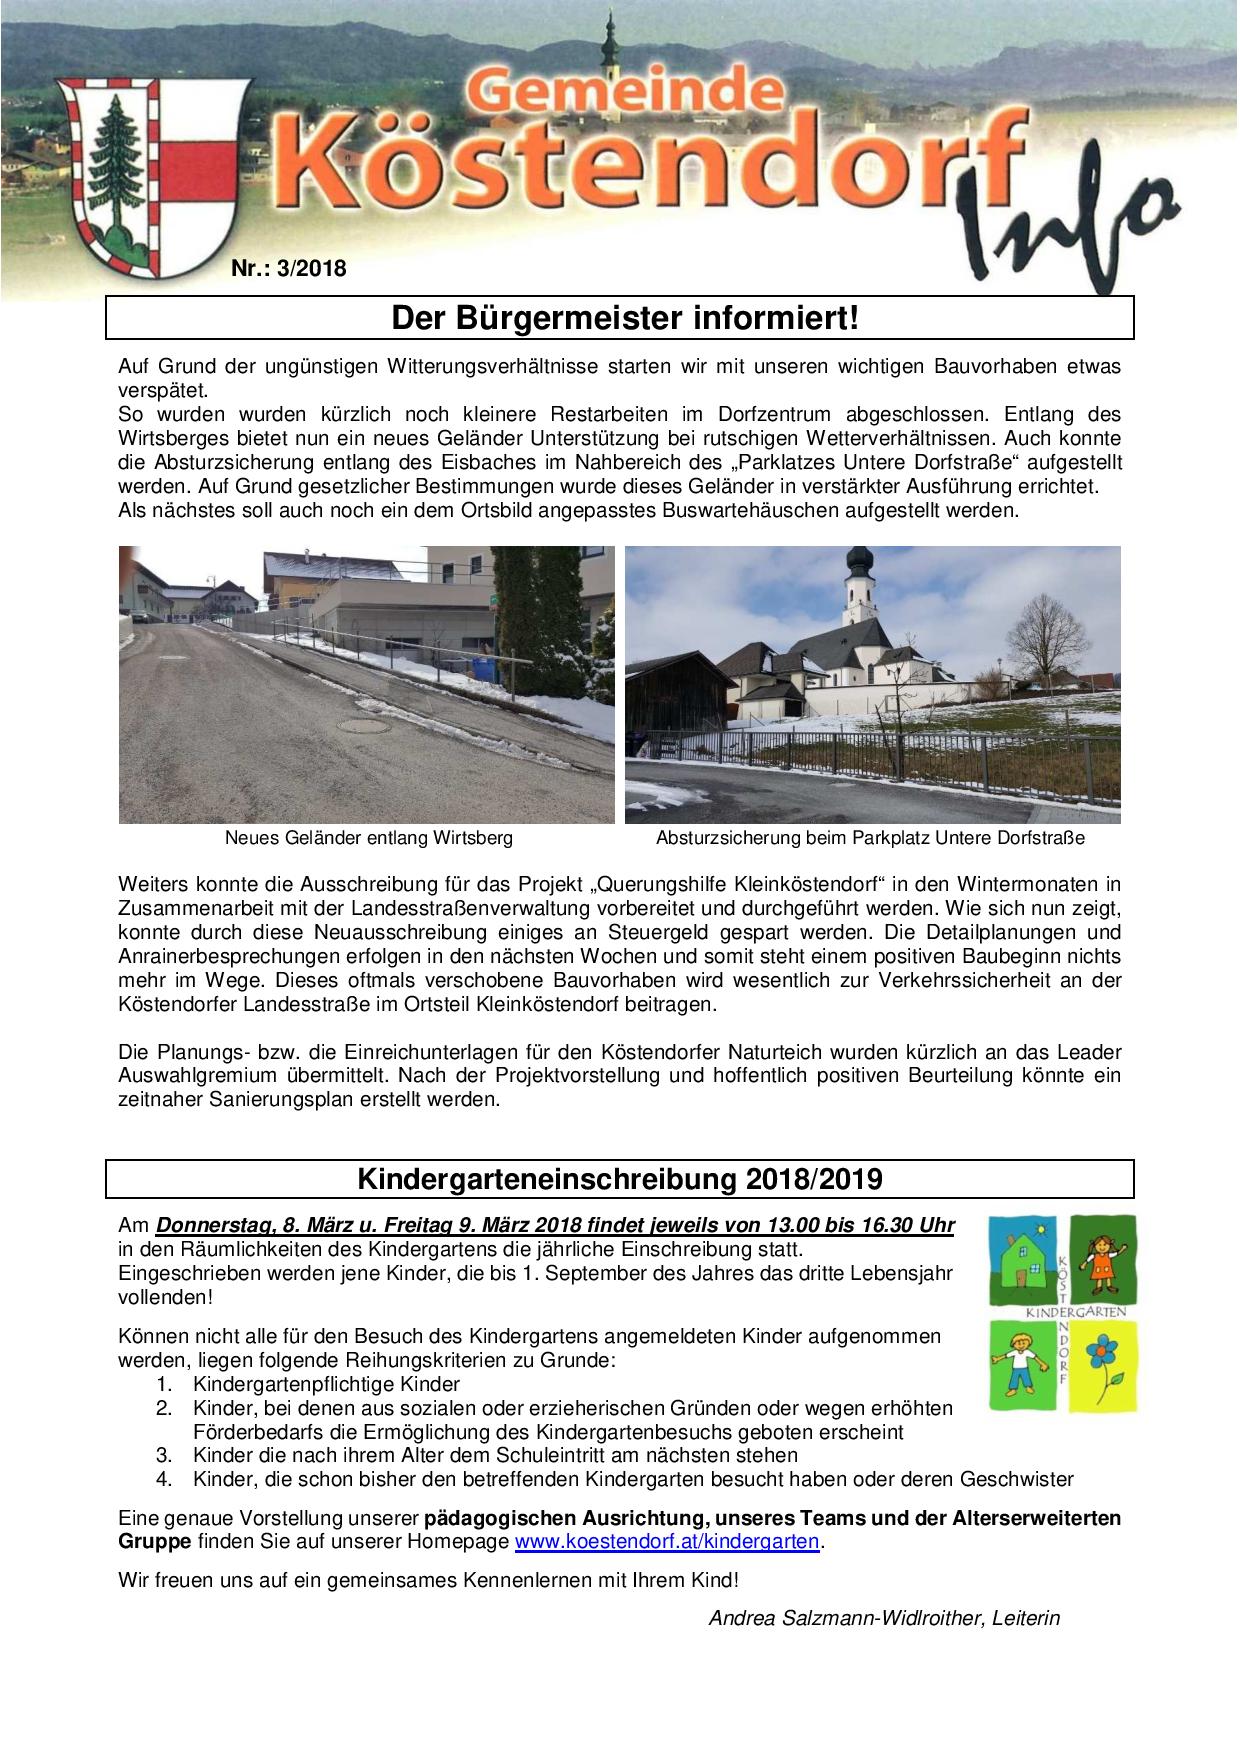 Kindergarteneinschreibung fr das Kindergartenjahr 2018/2019